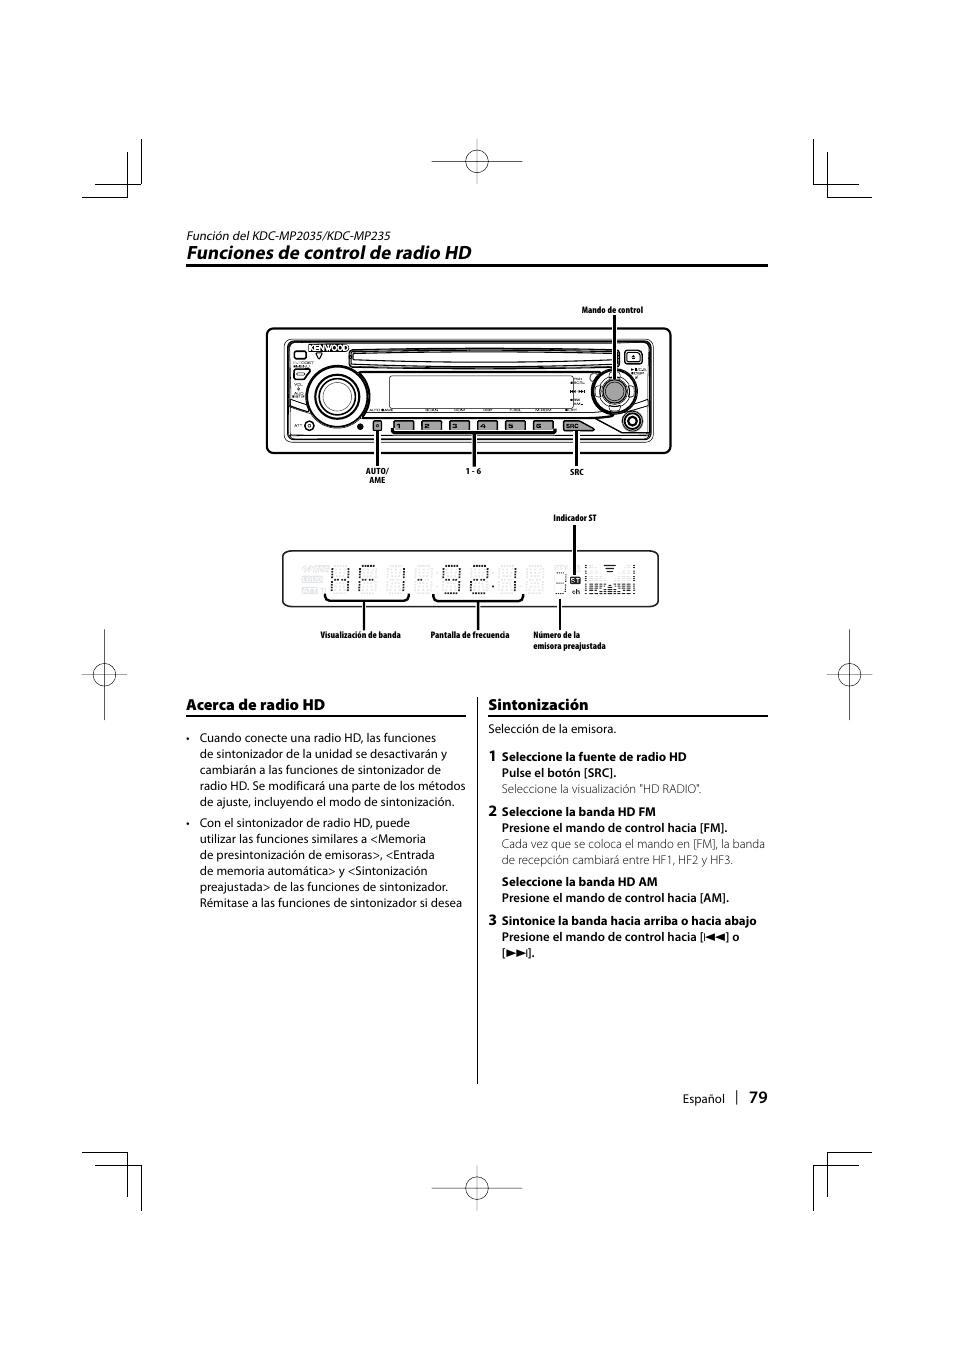 Funciones de control de radio hd, Acerca de radio hd, Sintonización | Kenwood  KDC